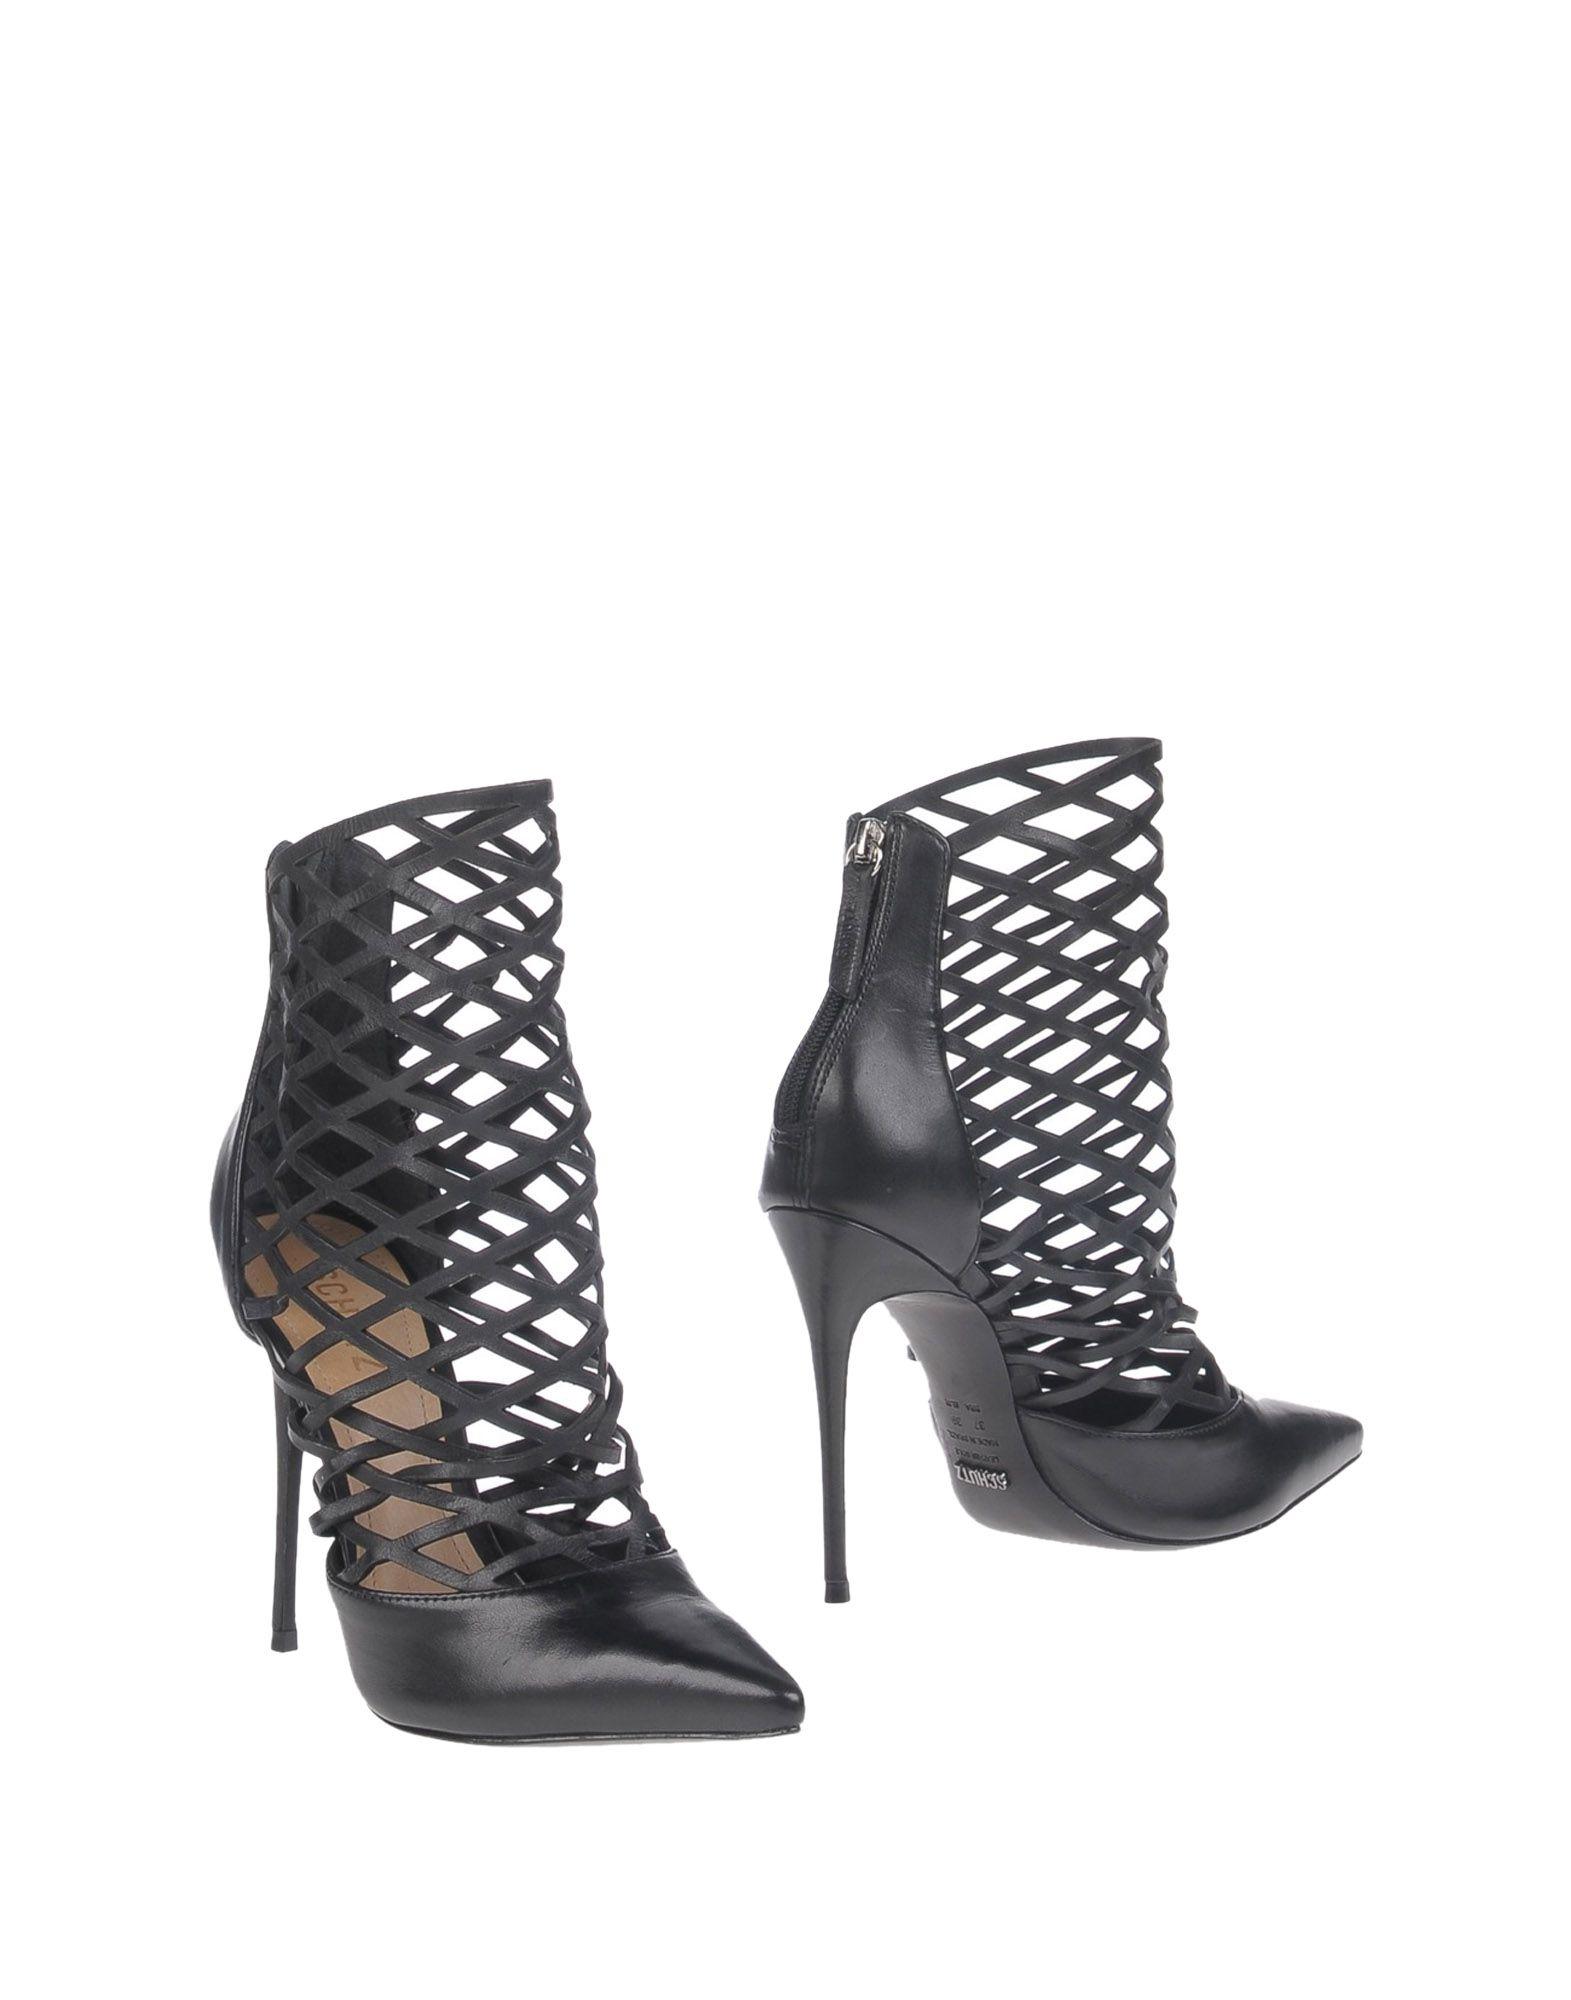 Stilvolle billige Schuhe Schutz Stiefelette 11286687GE Damen  11286687GE Stiefelette 94b78b